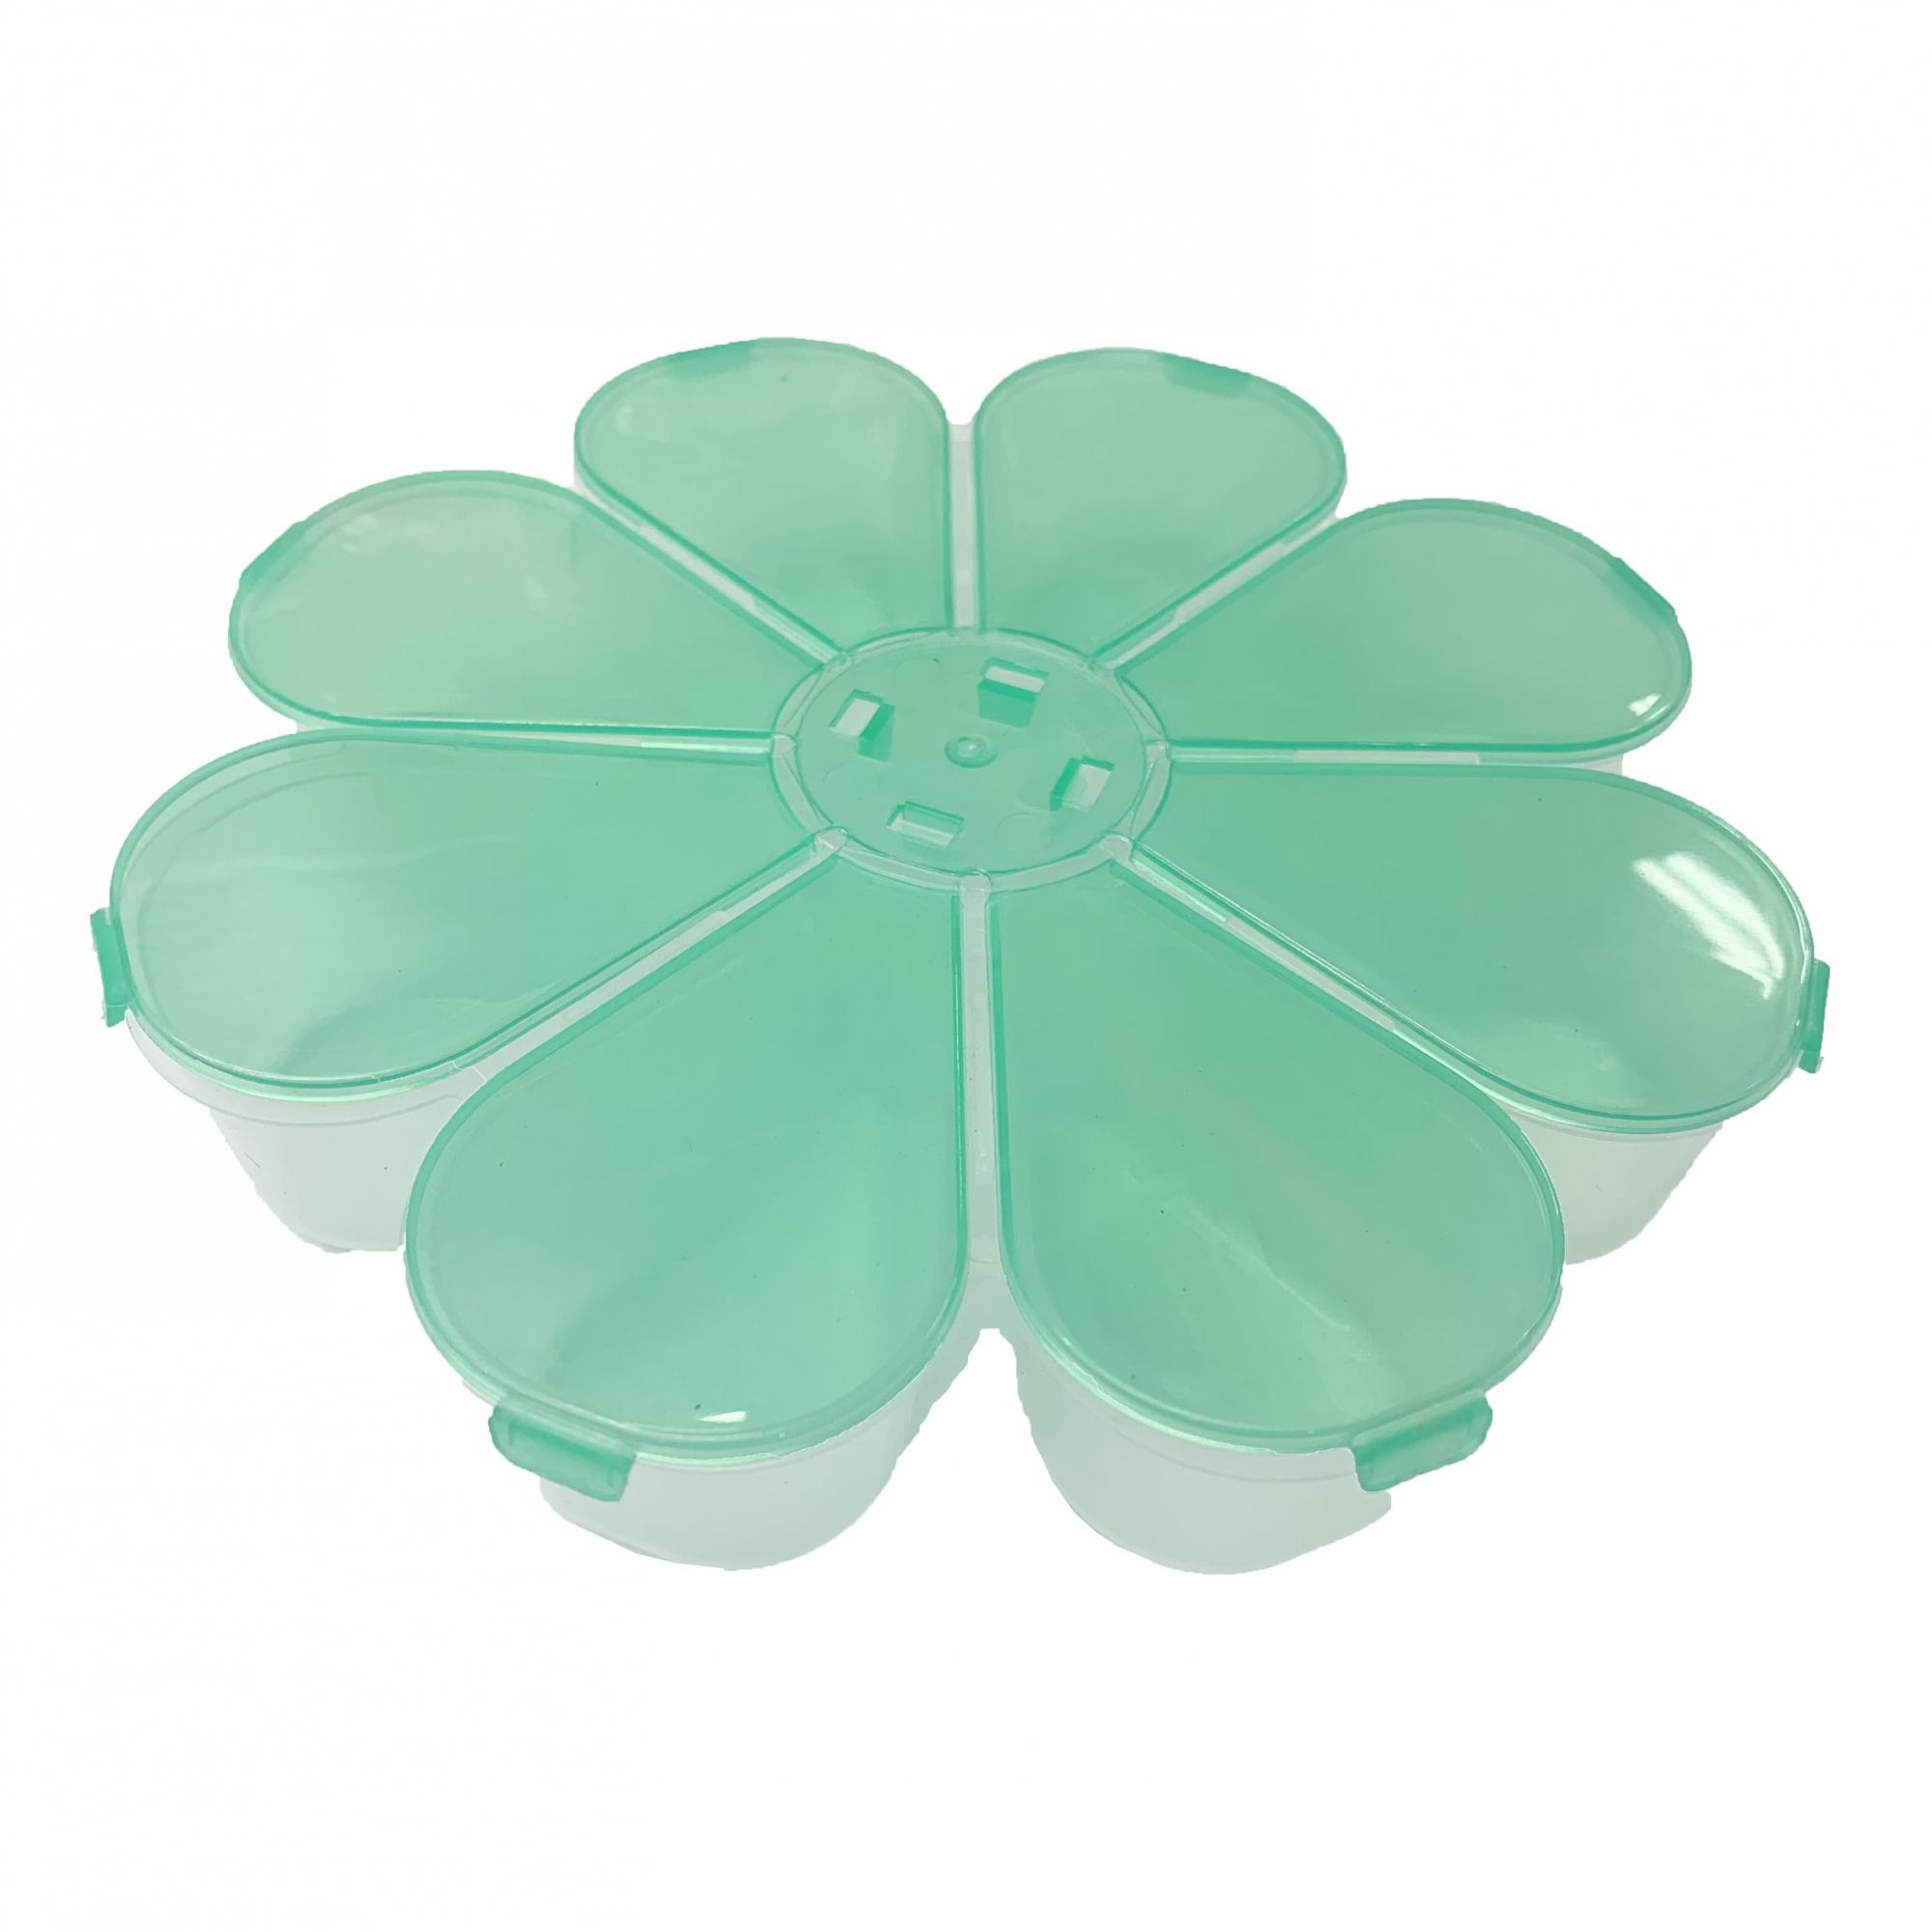 Caixa Organizadora Flor - Verde Transparente  - Universo Religioso® - Artigos de Umbanda e Candomblé